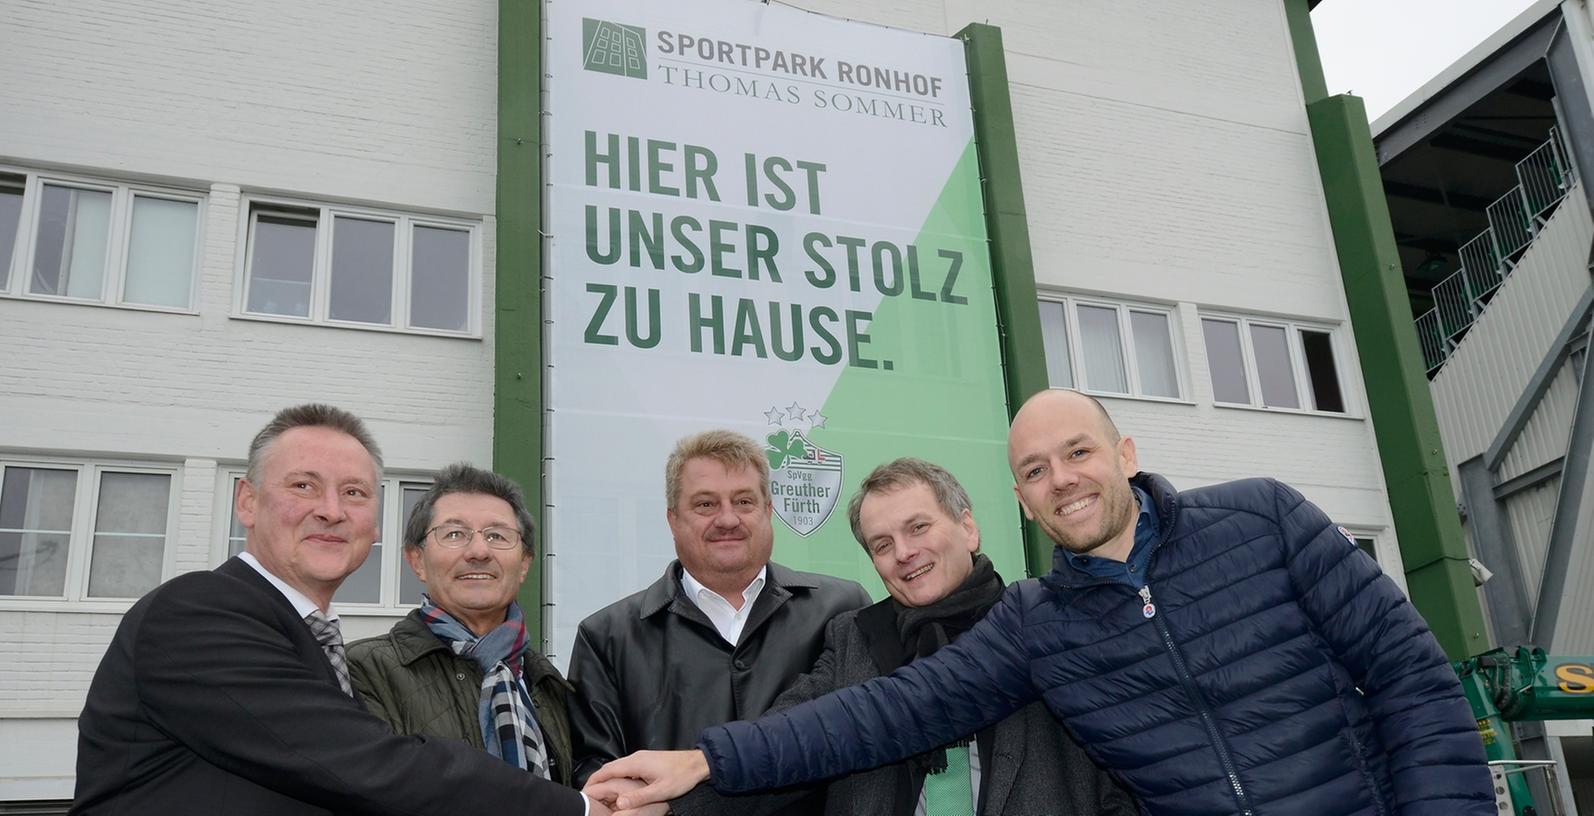 Engagement für den Ronhof: Immobilienunternehmer Thomas Sommer (Mitte) hat sich die Namensrechte am Fürther Stadion gesichert.